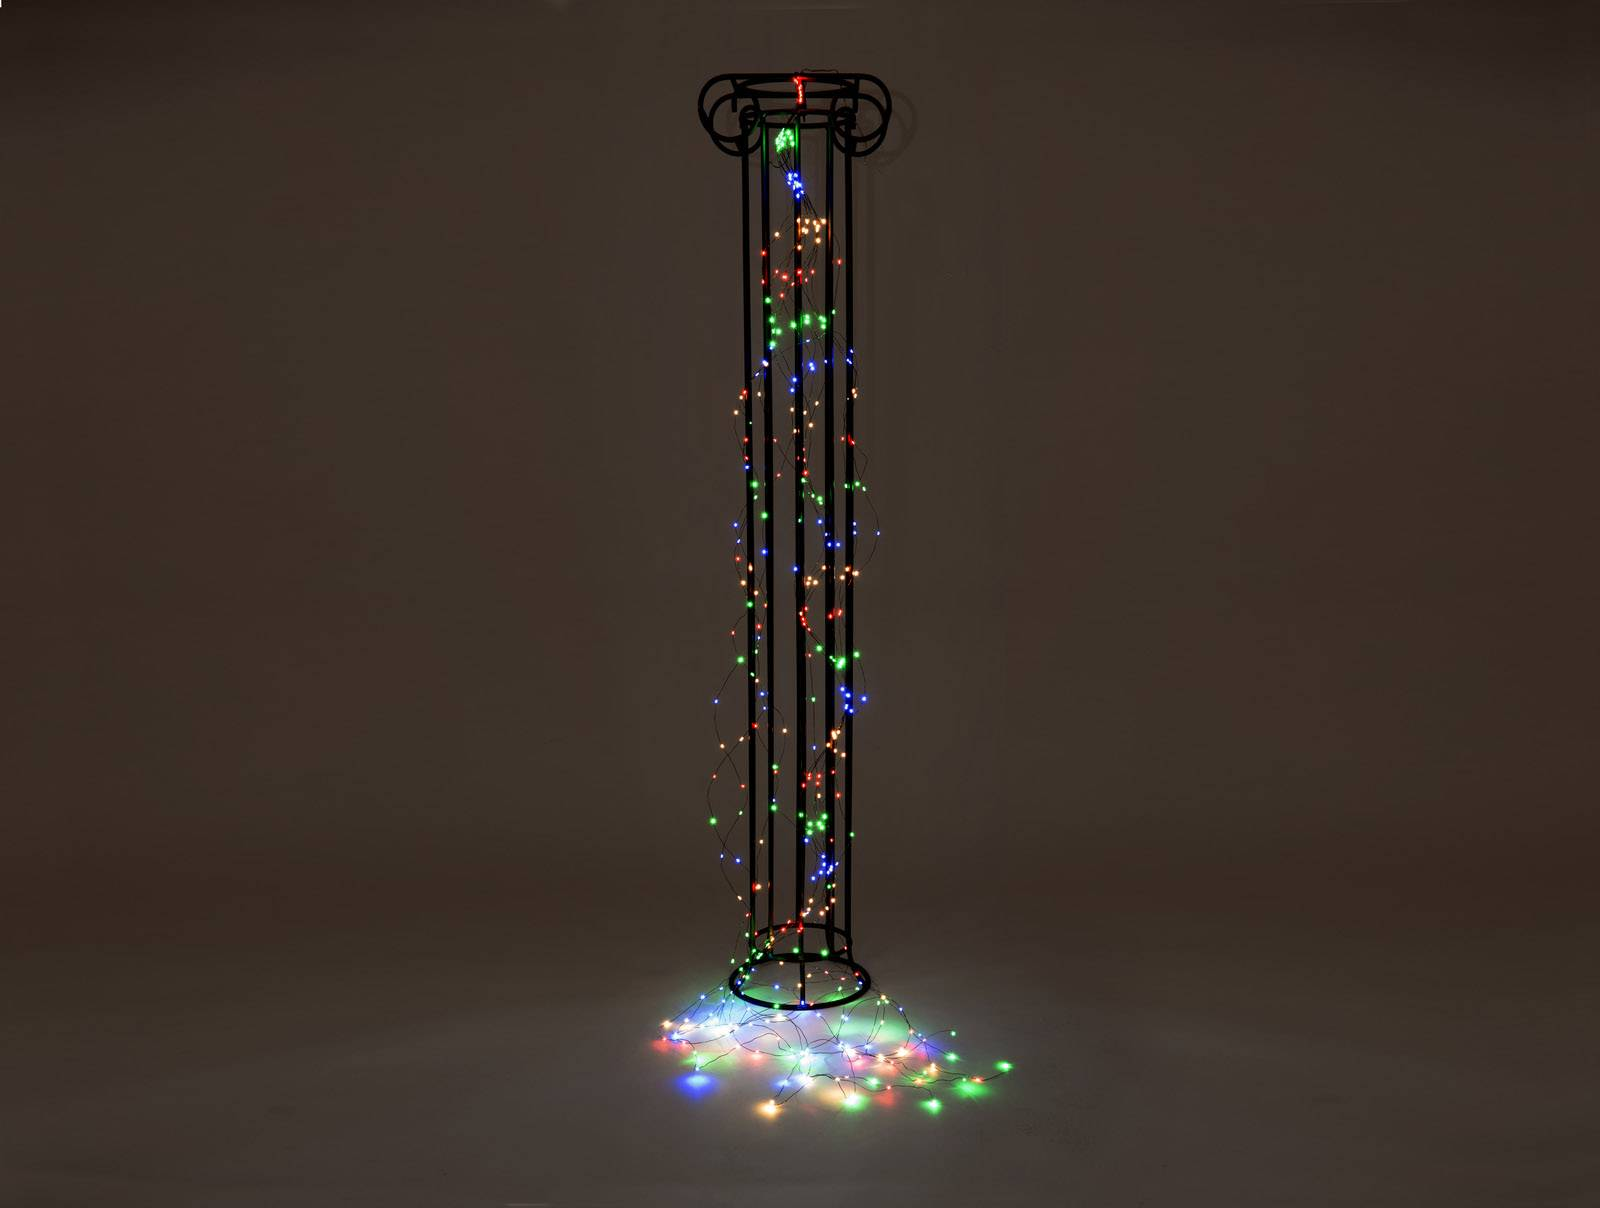 izdelek-eurolite-50499273-grozdasta-svetlobna-veriga-znotrajzunaj-e